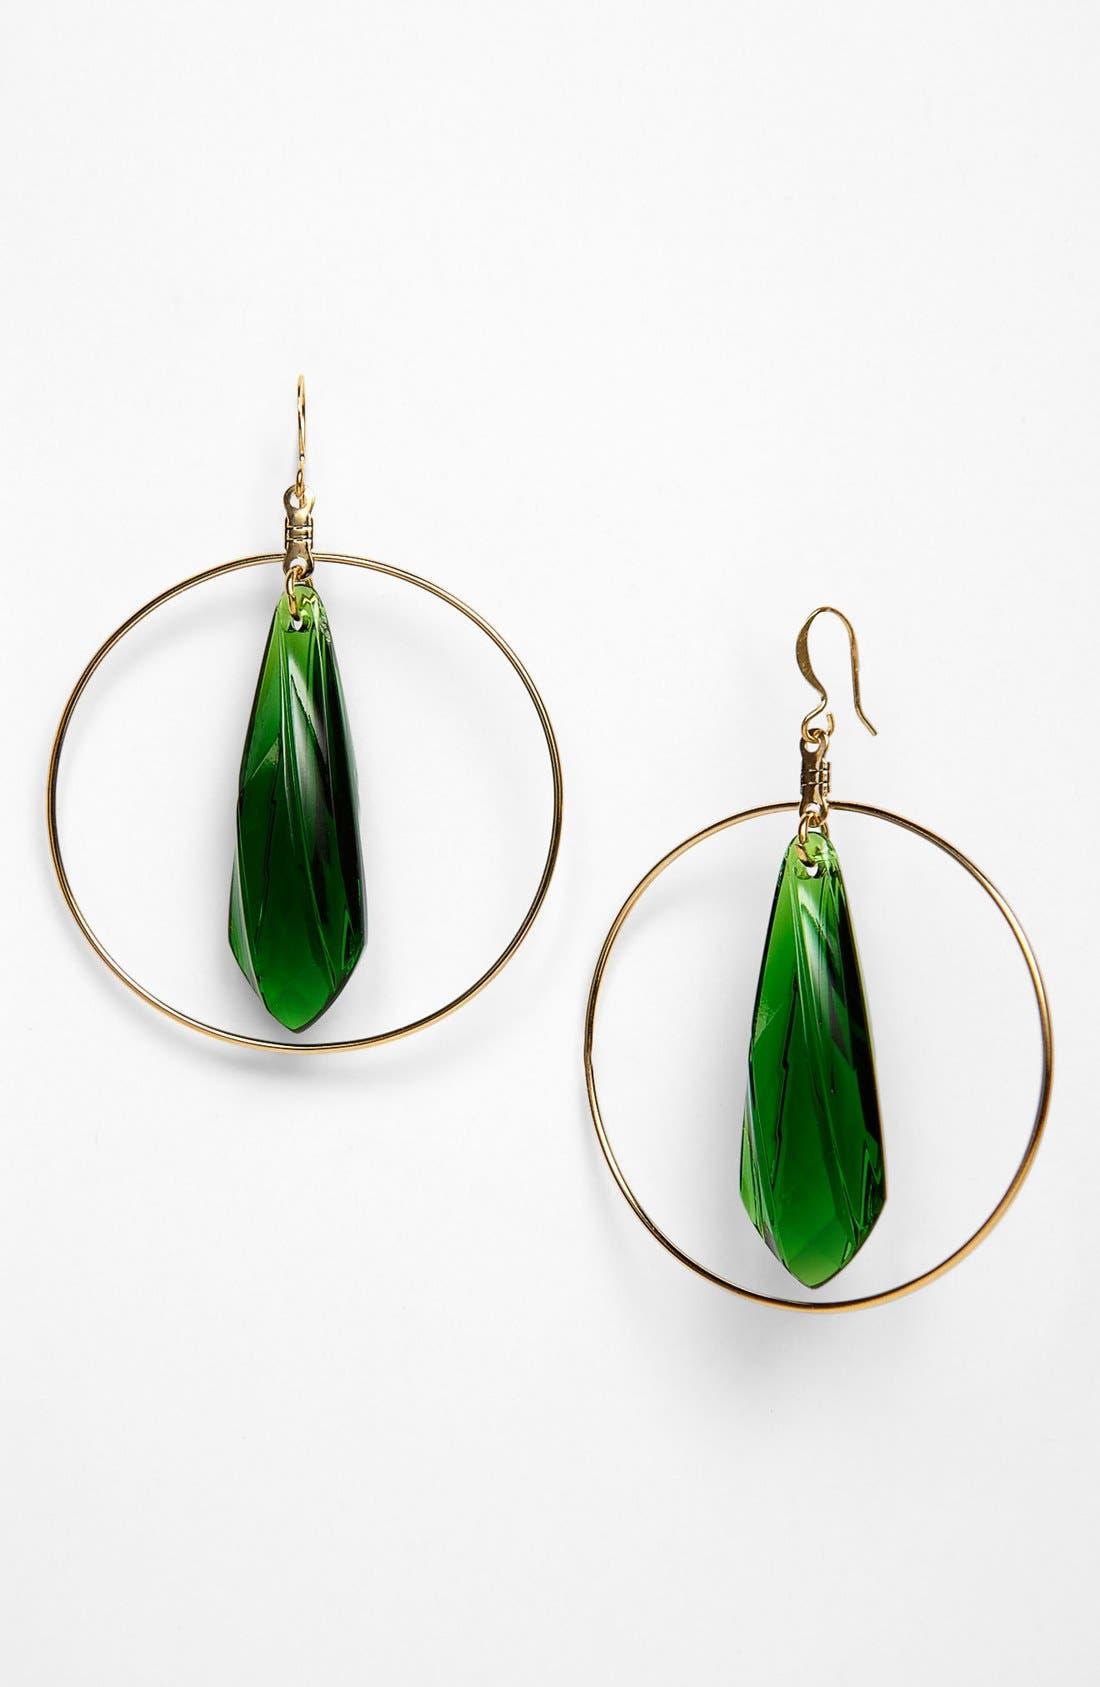 Alternate Image 1 Selected - Verdier Jewelry 'Vintage Lucite®' Hoop Earrings